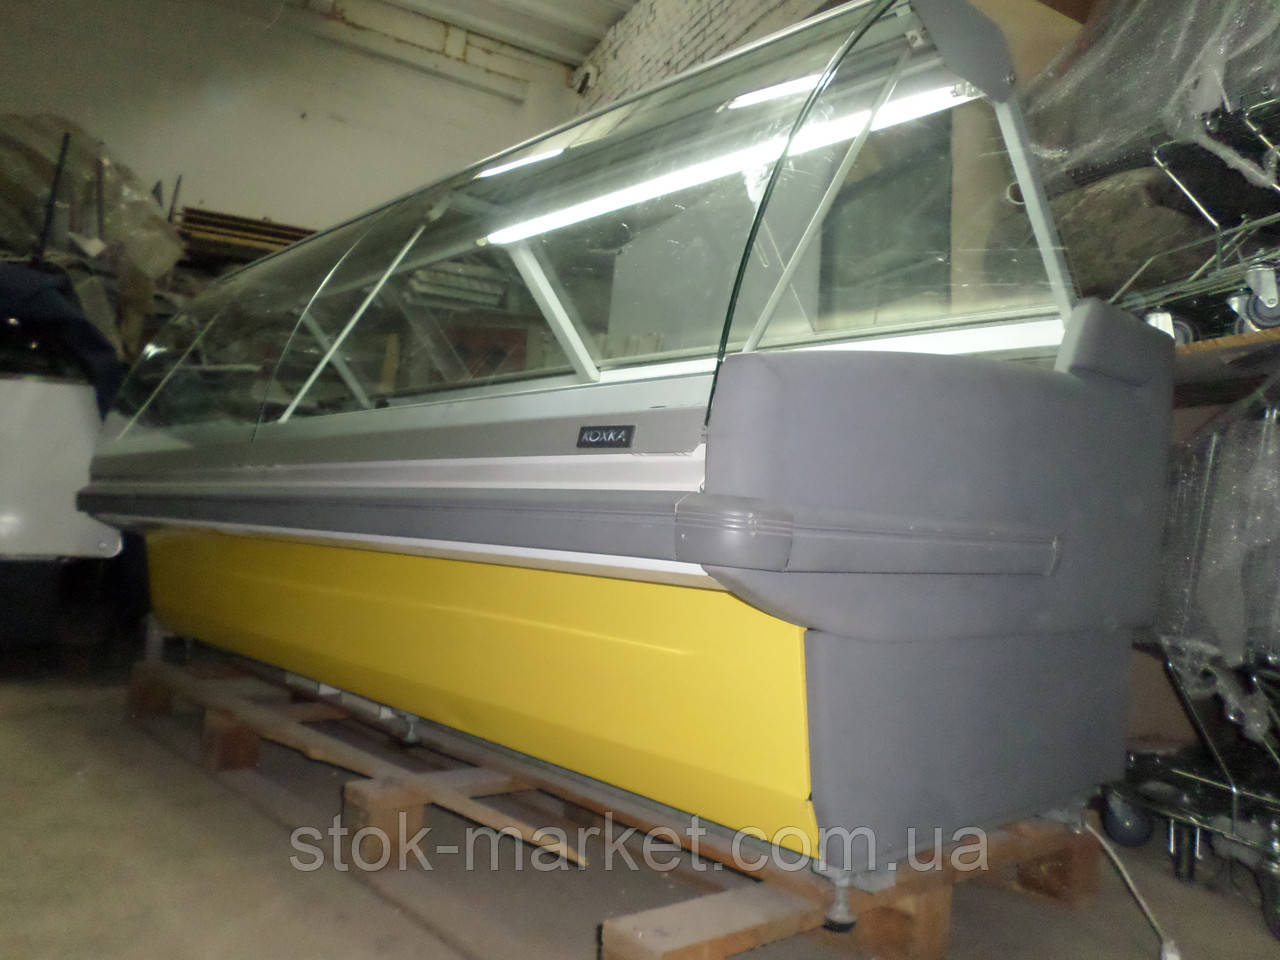 Витрина холодильная KOXKA  2.6 м. бу,  Холодильный прилавок б/у